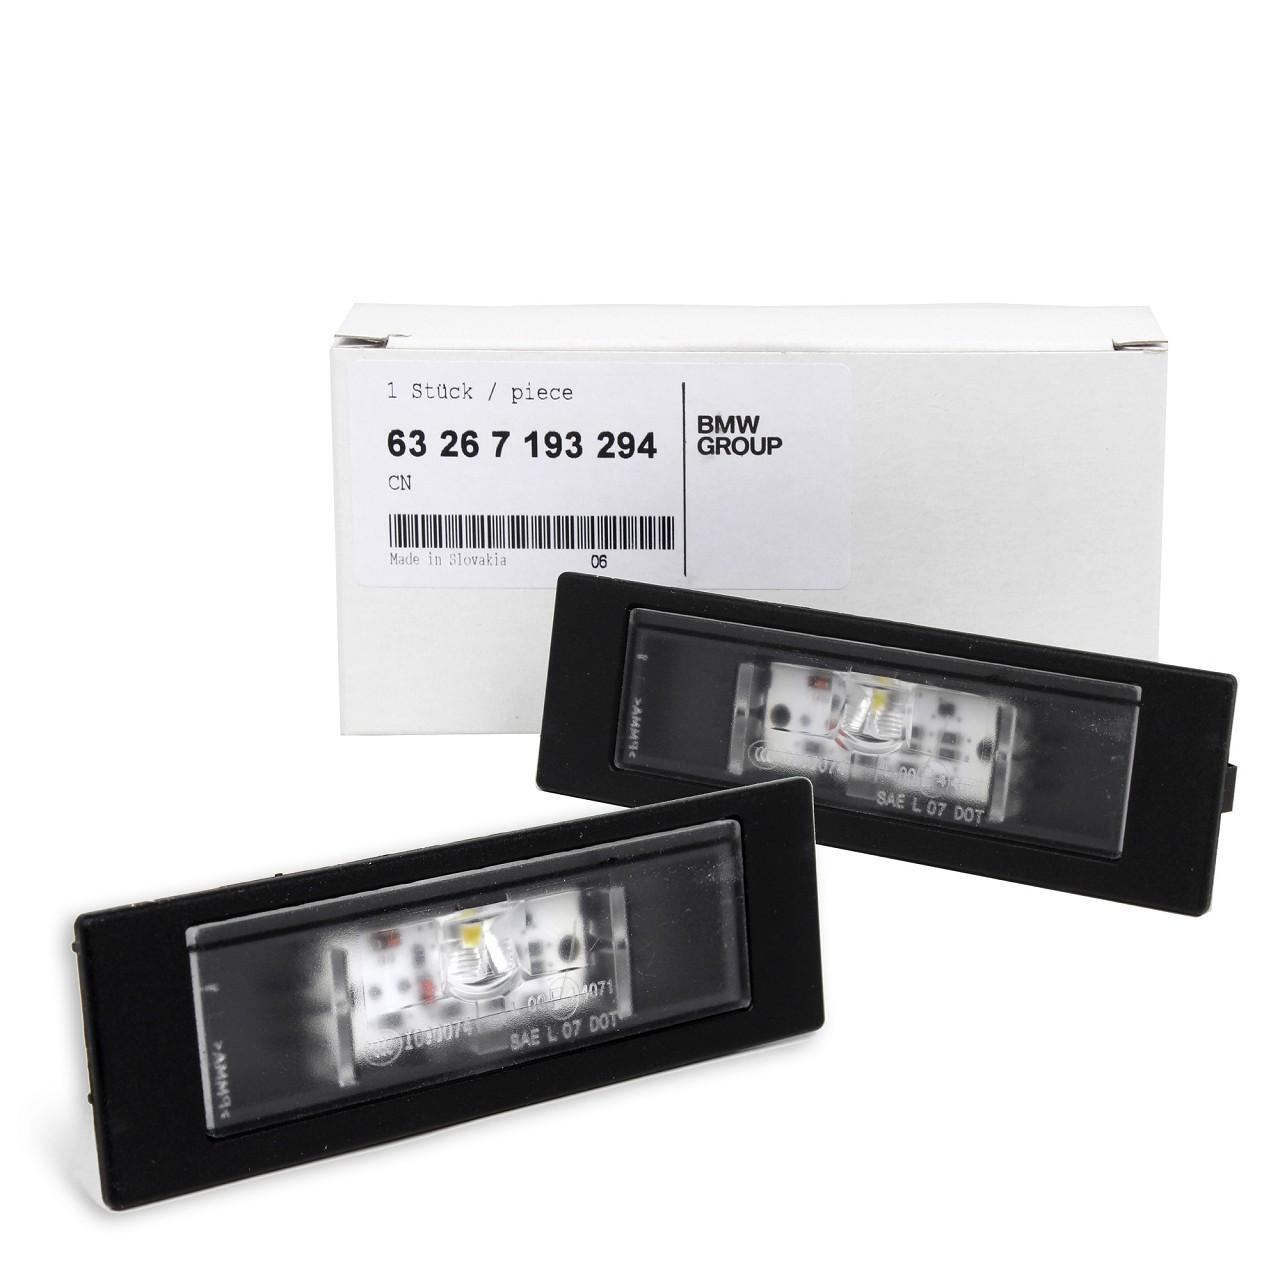 2x ORIGINAL BMW Kennzeichenleuchte Nummernschildleuchte LED 1er 6er 63267193294